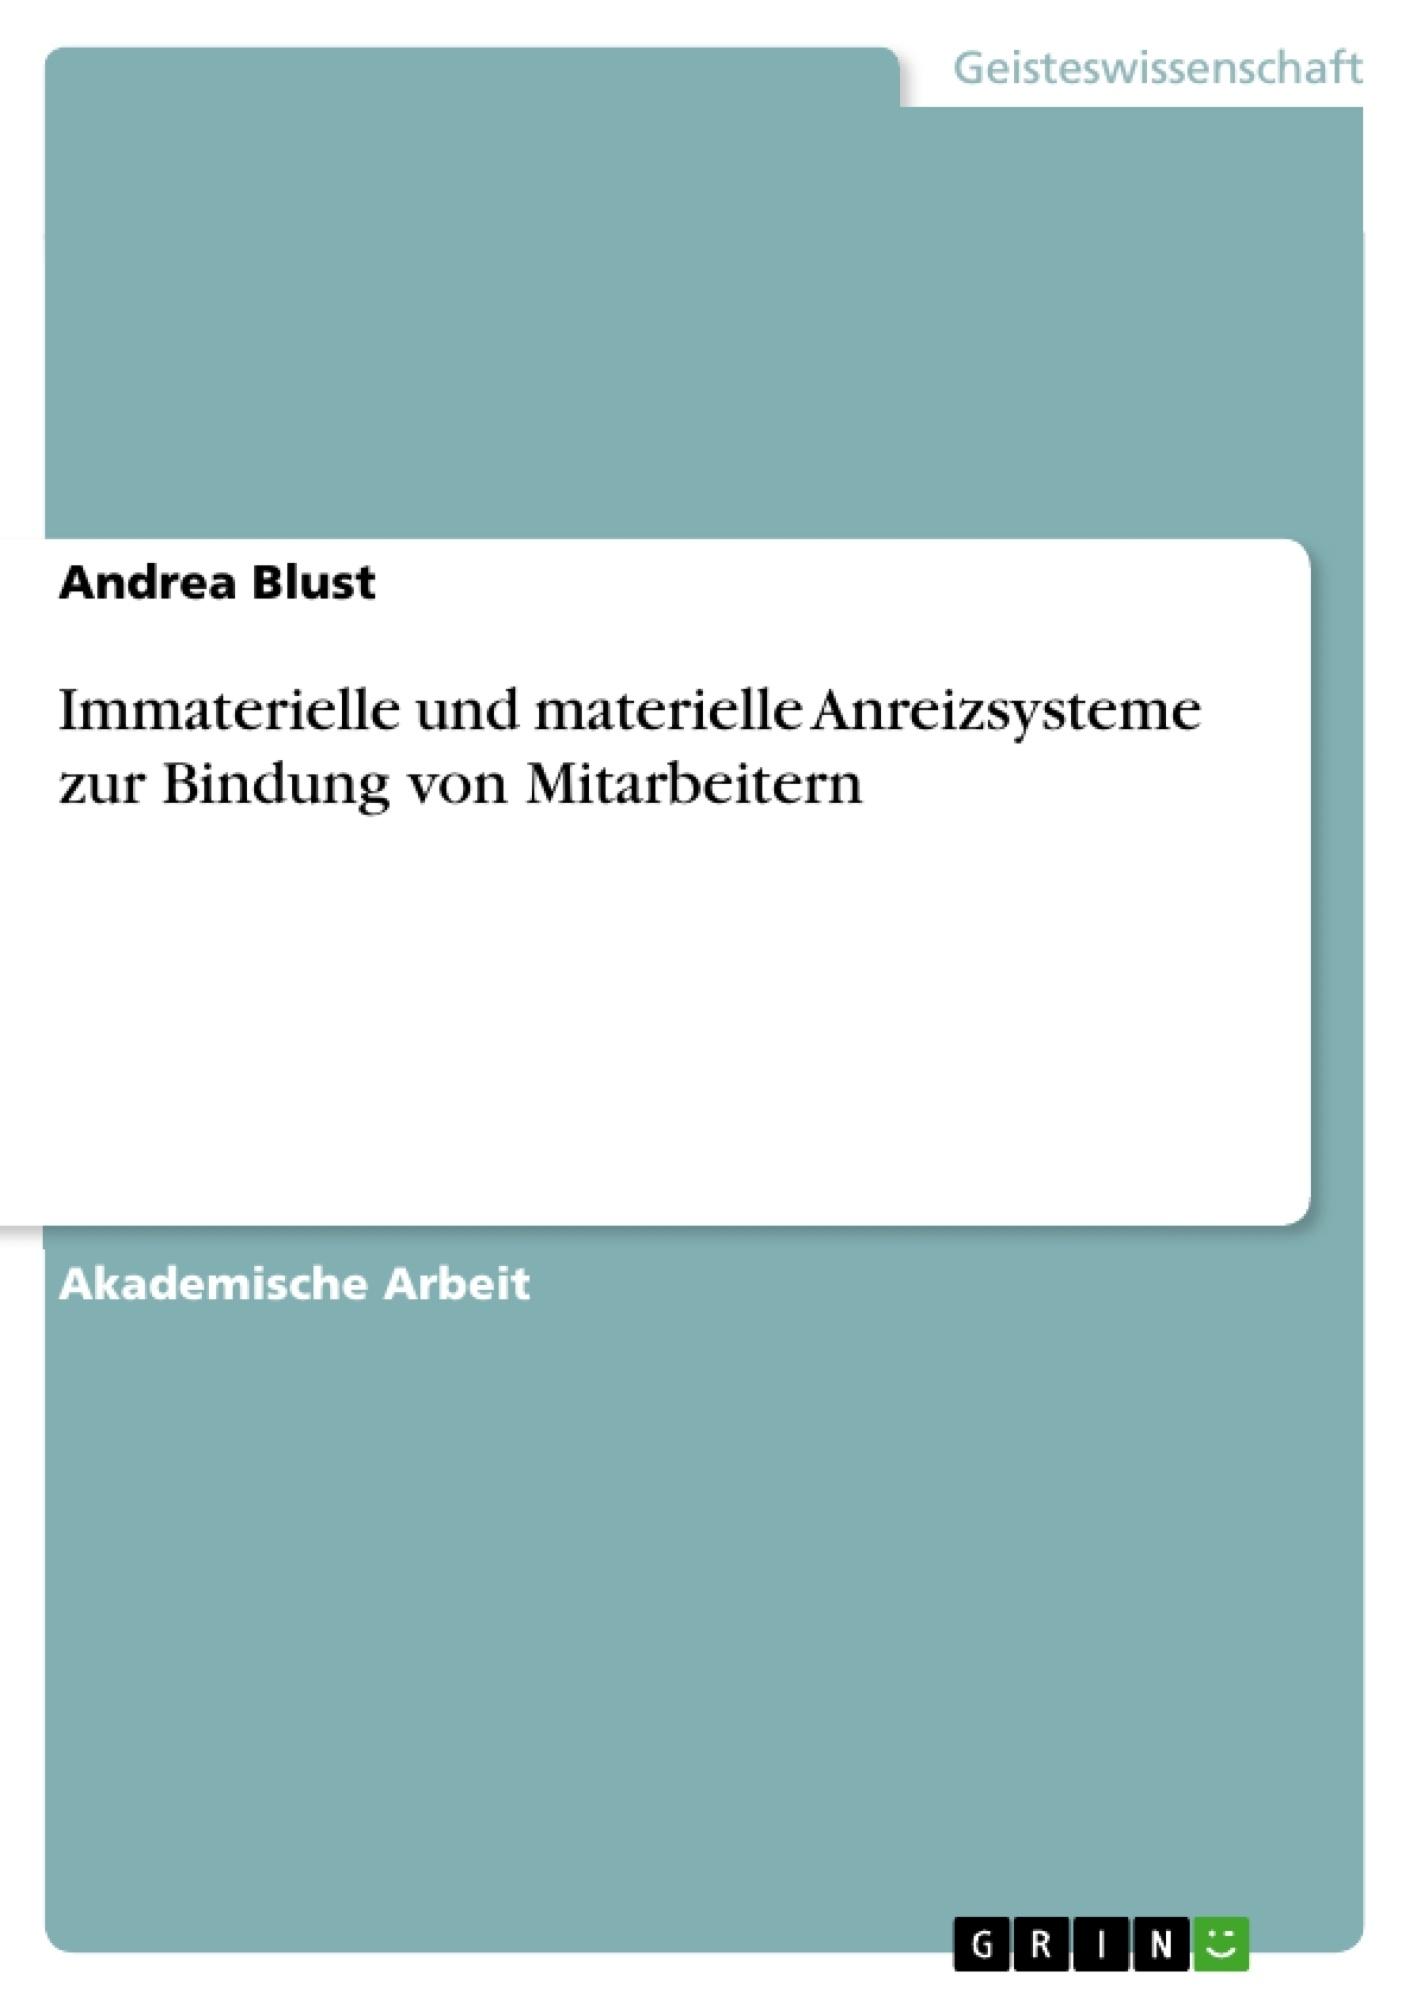 Titel: Immaterielle und materielle Anreizsysteme zur Bindung von Mitarbeitern